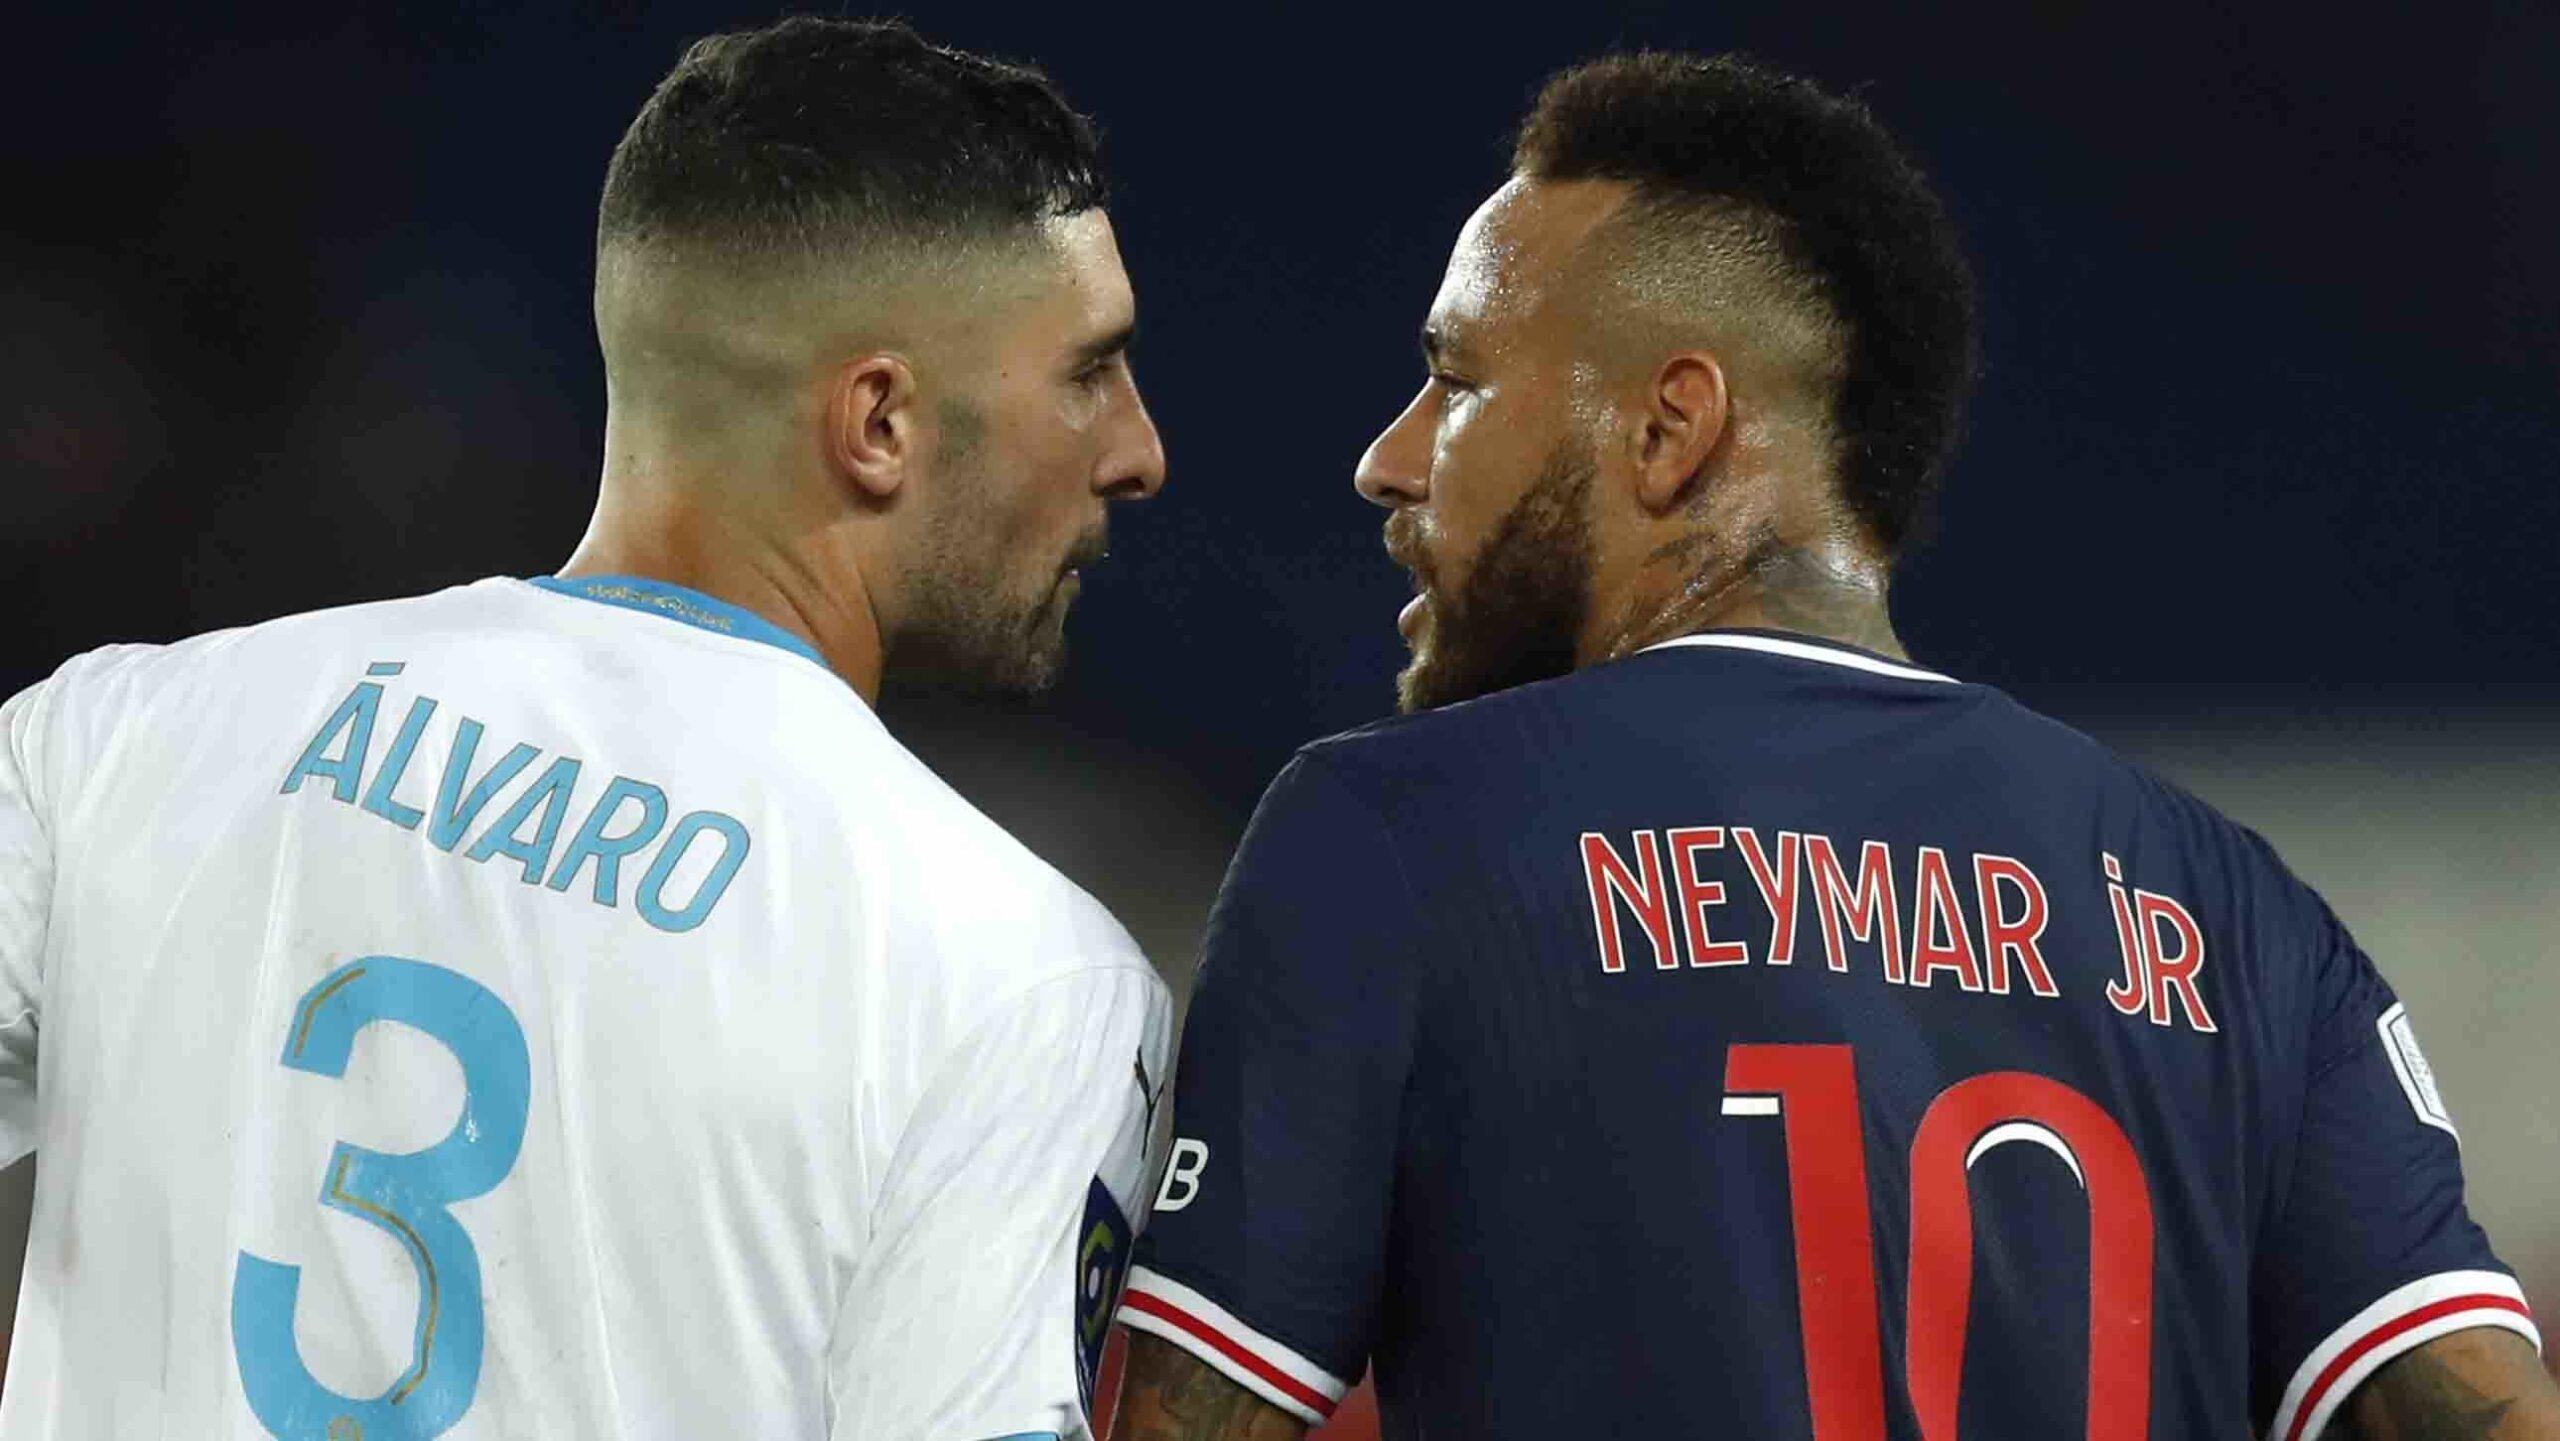 Álvaro y Neymar se enfrascaron en una discusión el fin de semana